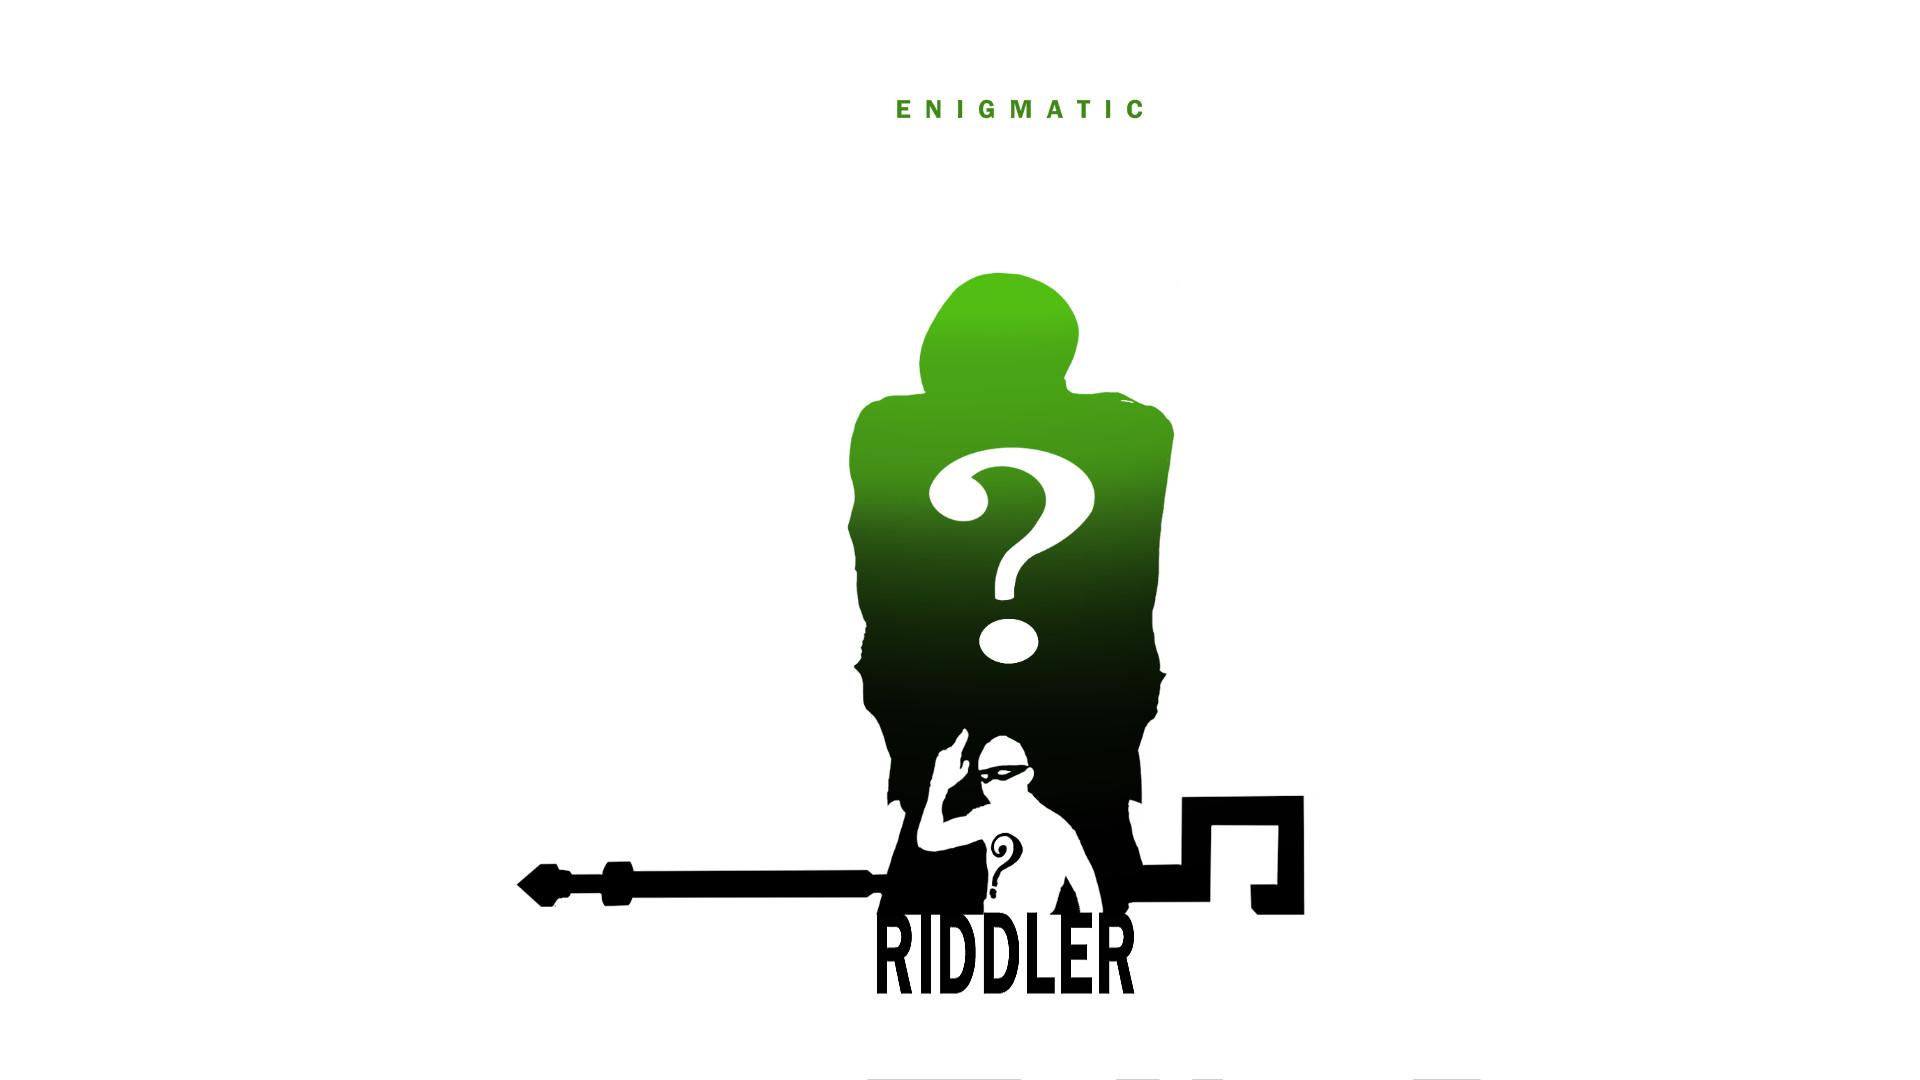 riddler_by_stevegarciaart-d67pel2